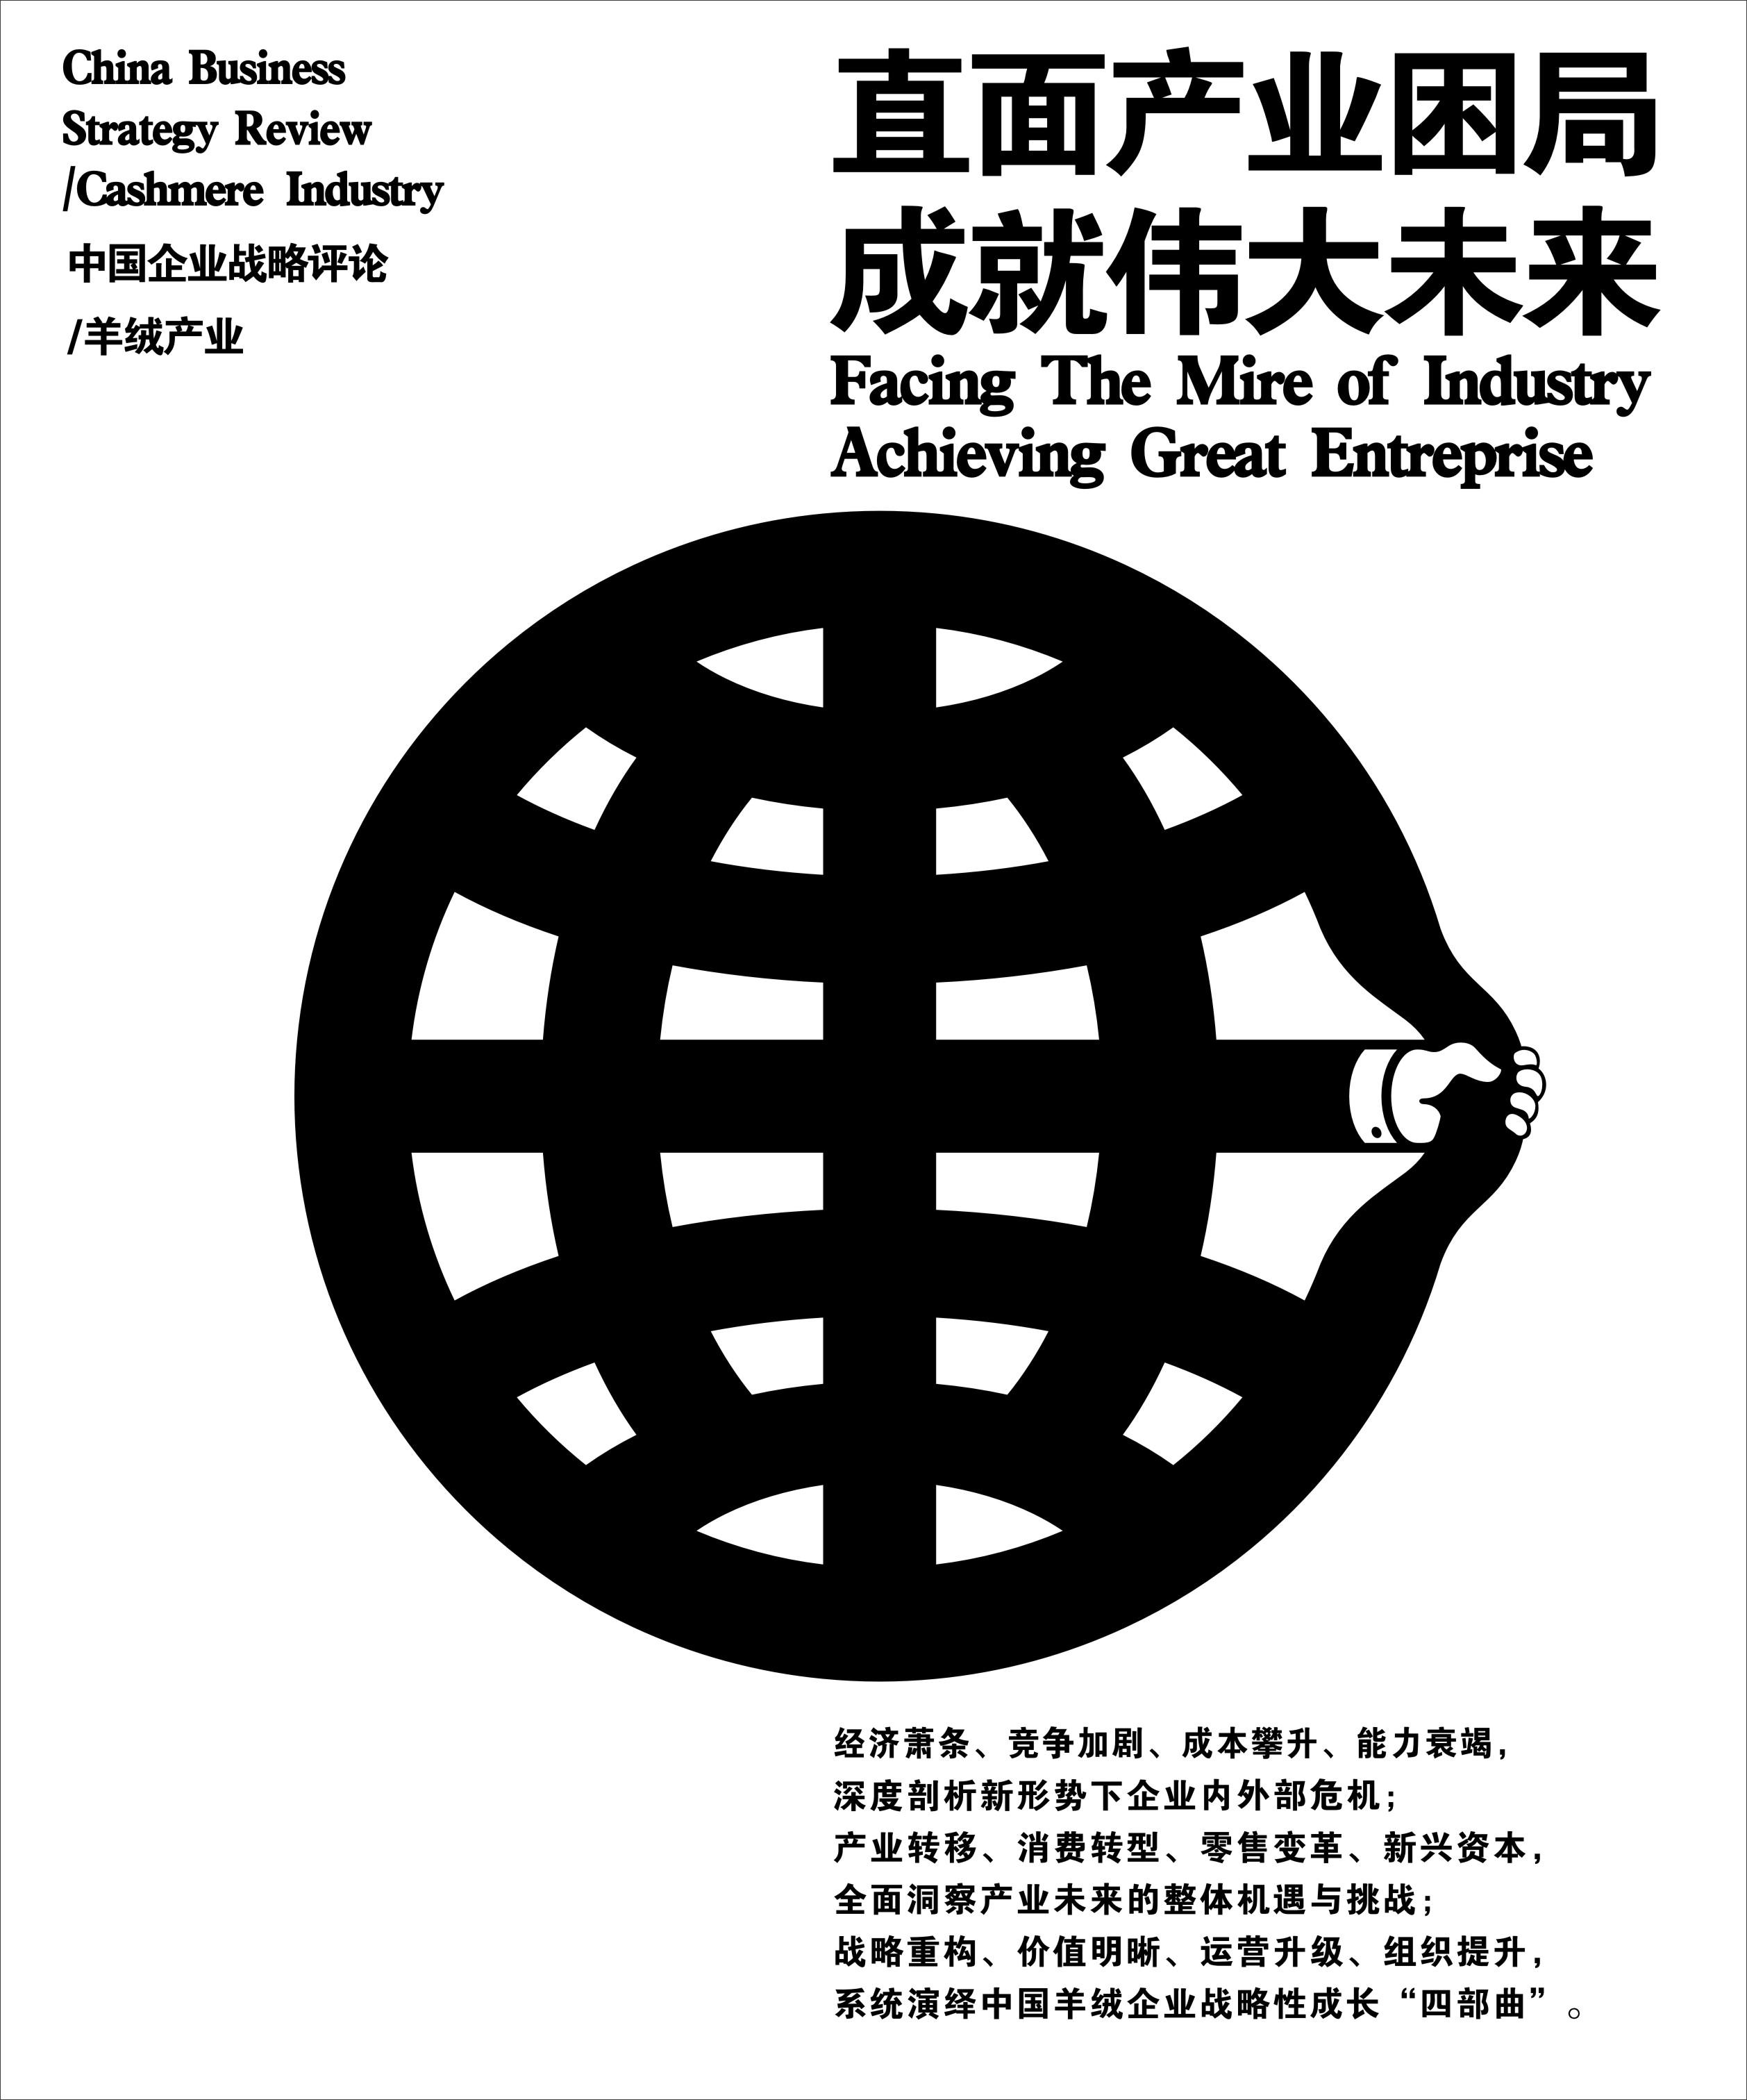 羊绒产业:直面产业困局,成就伟大未来